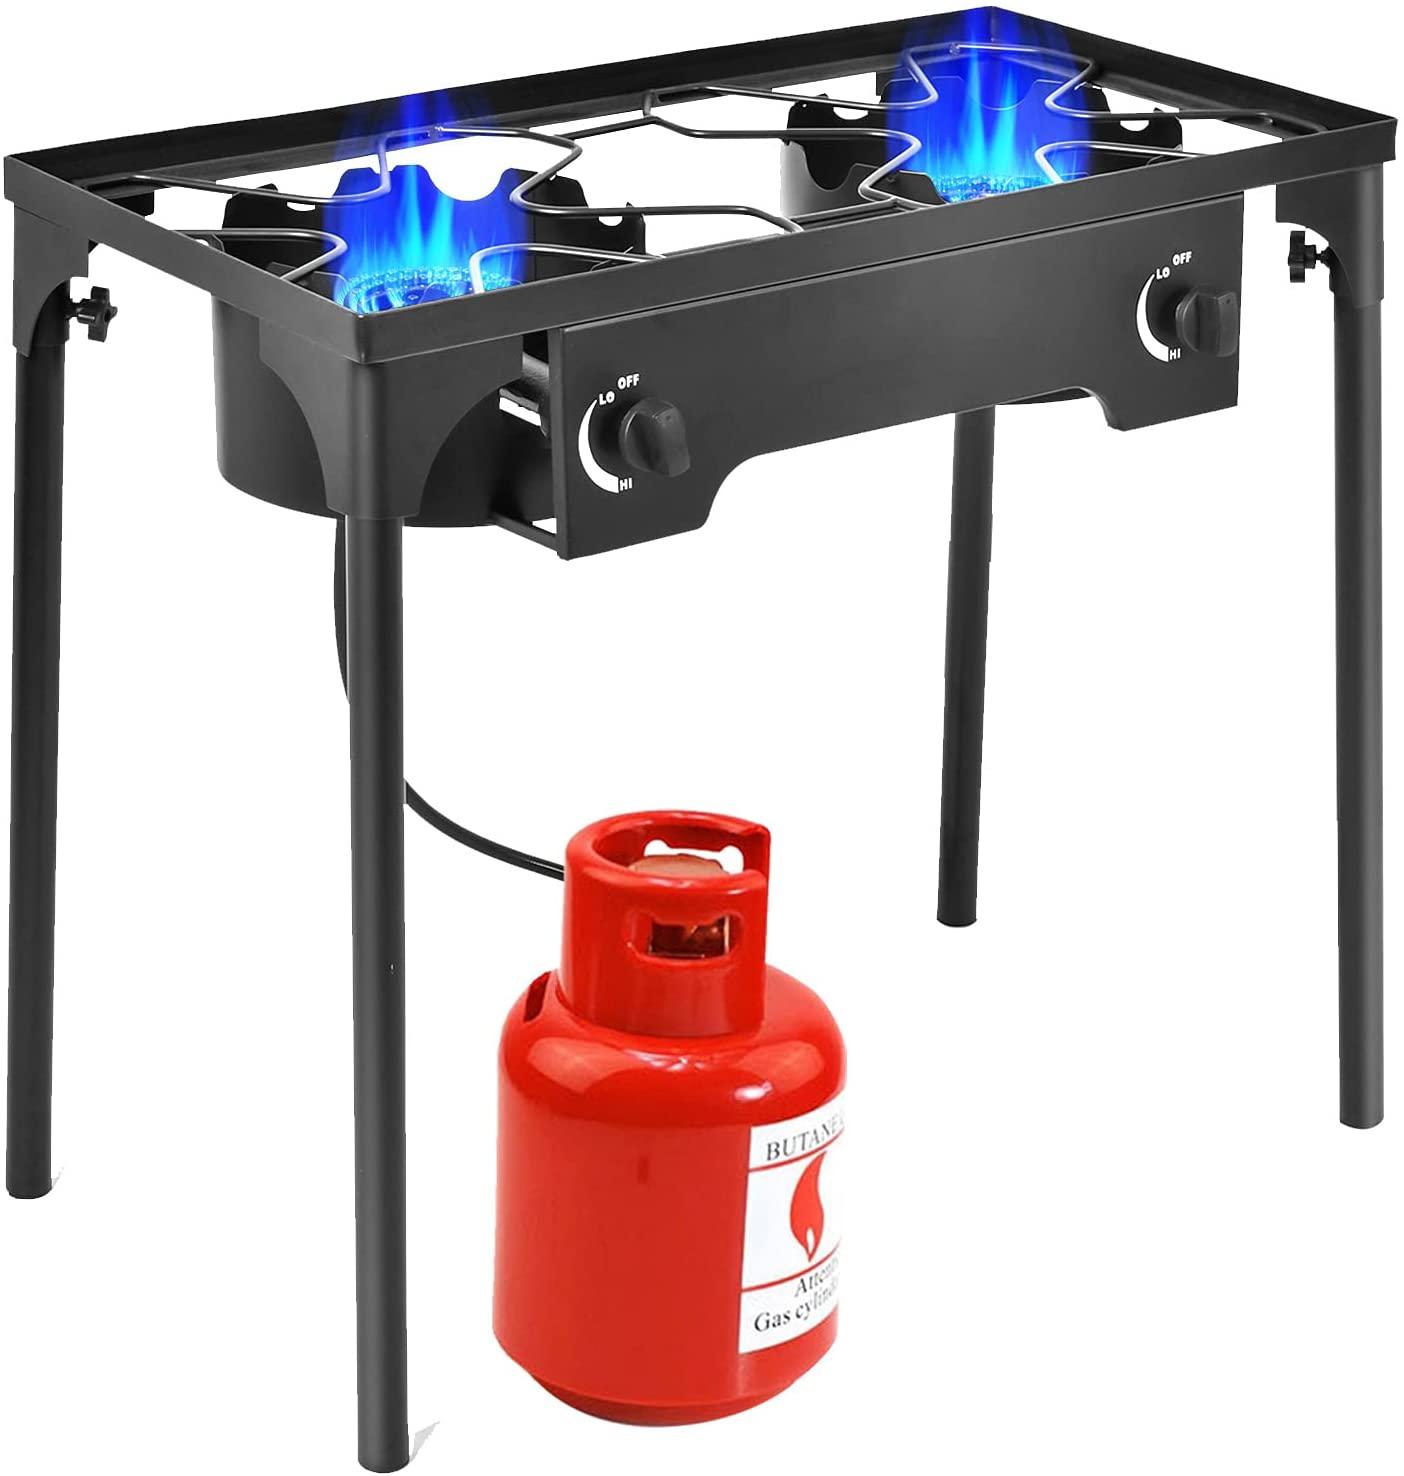 Giantex Outdoor 2 Burner Stove